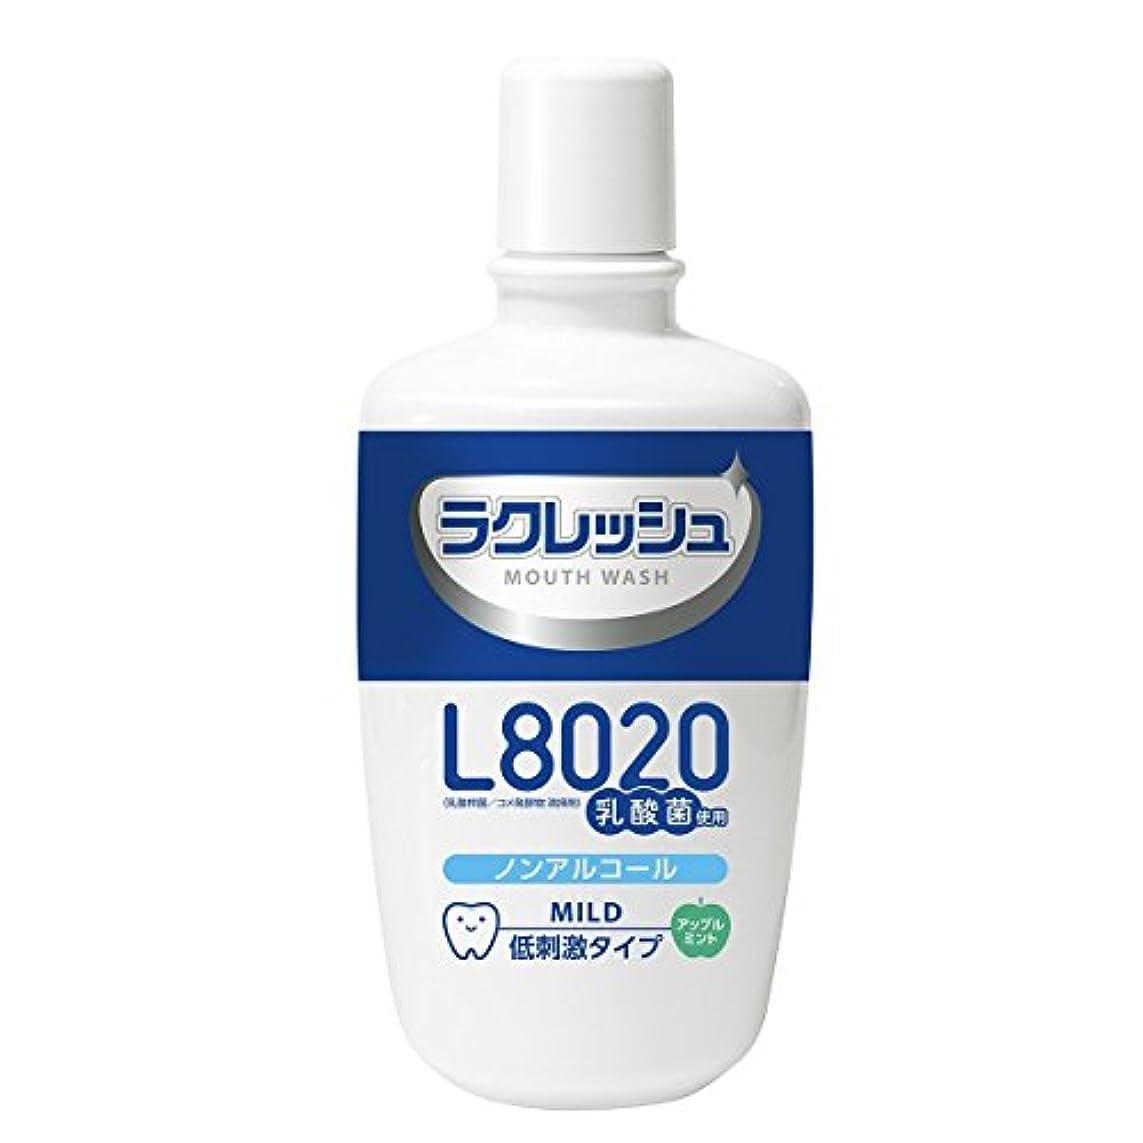 請求可能符号視力ラクレッシュ L8020菌 マウスウォッシュ 3本セット (マイルド)